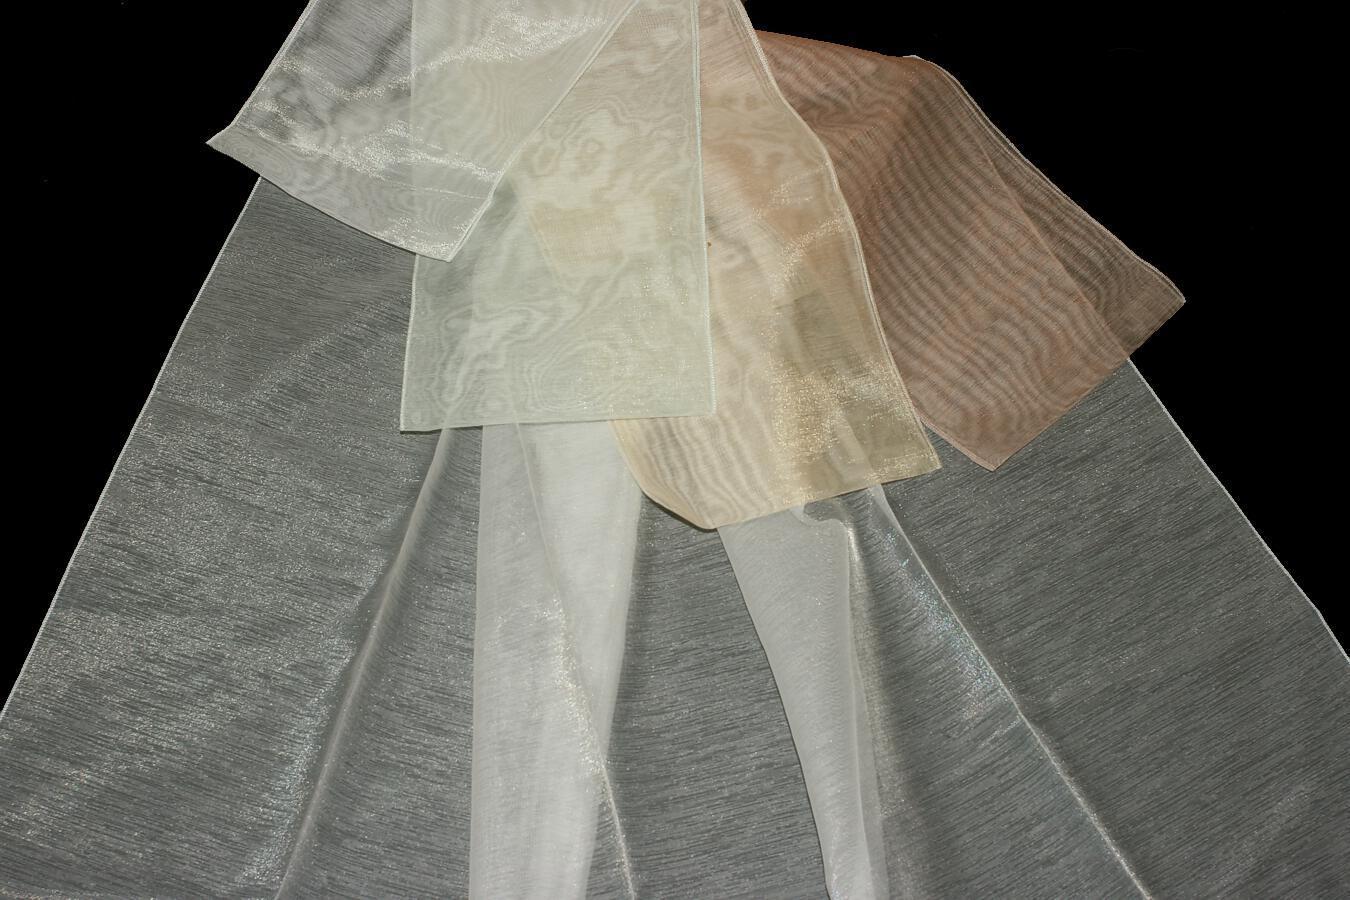 Záclona DKM 5440 295 cm 08 růžová